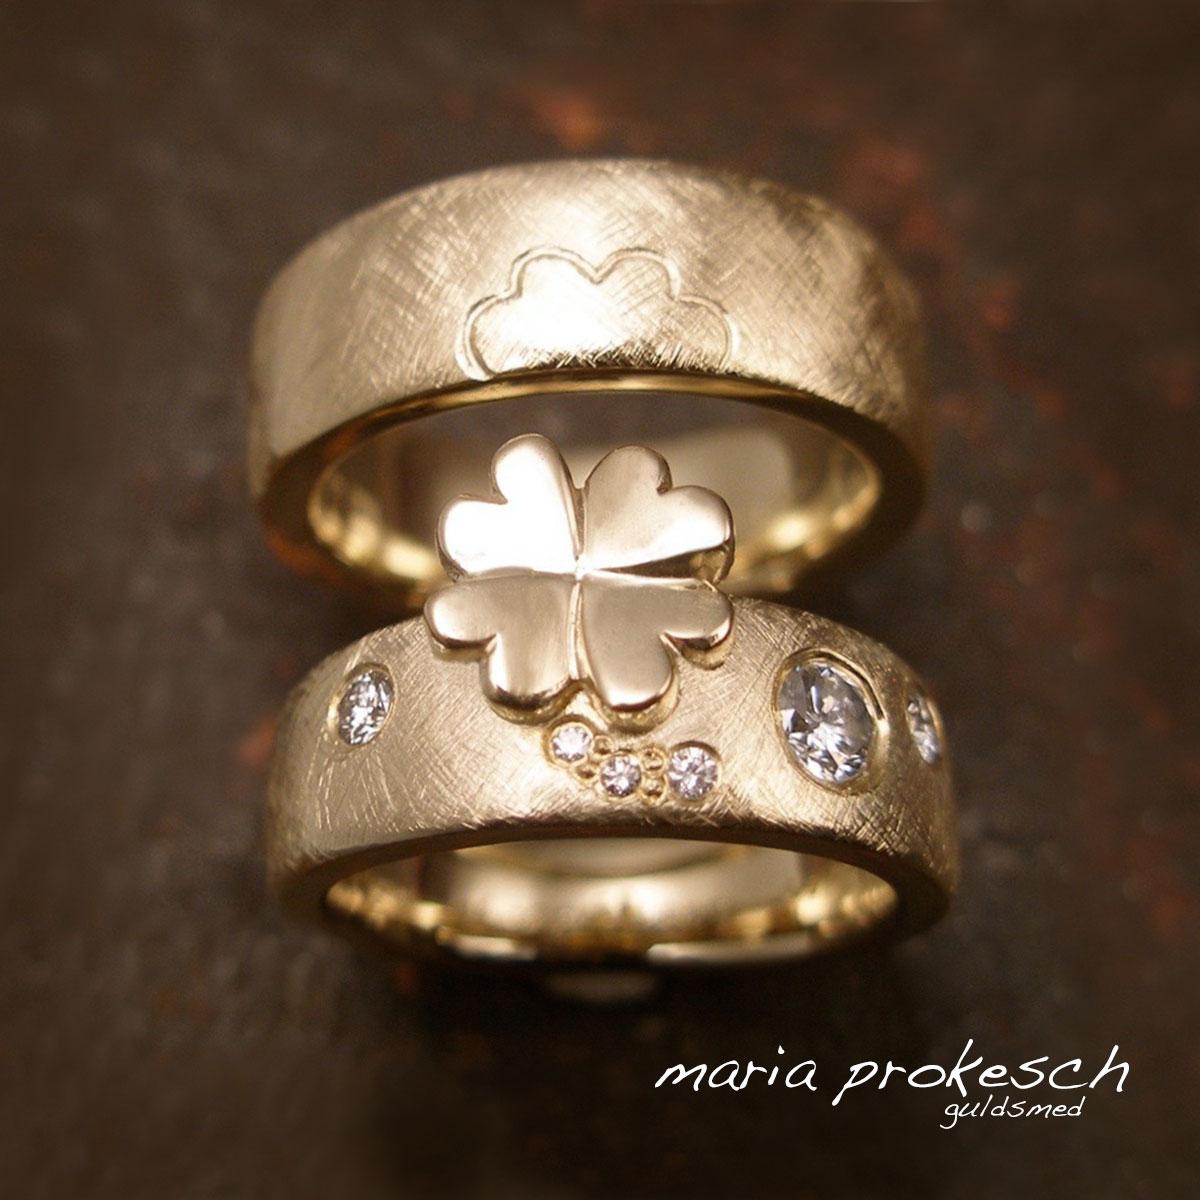 Blank firkløver på kærlighedsringe, giver samhørighed for parret. Kontrasten til de rustikke overflader, med detaljer af diamanter på kvindens vielsesring. Personlig historie